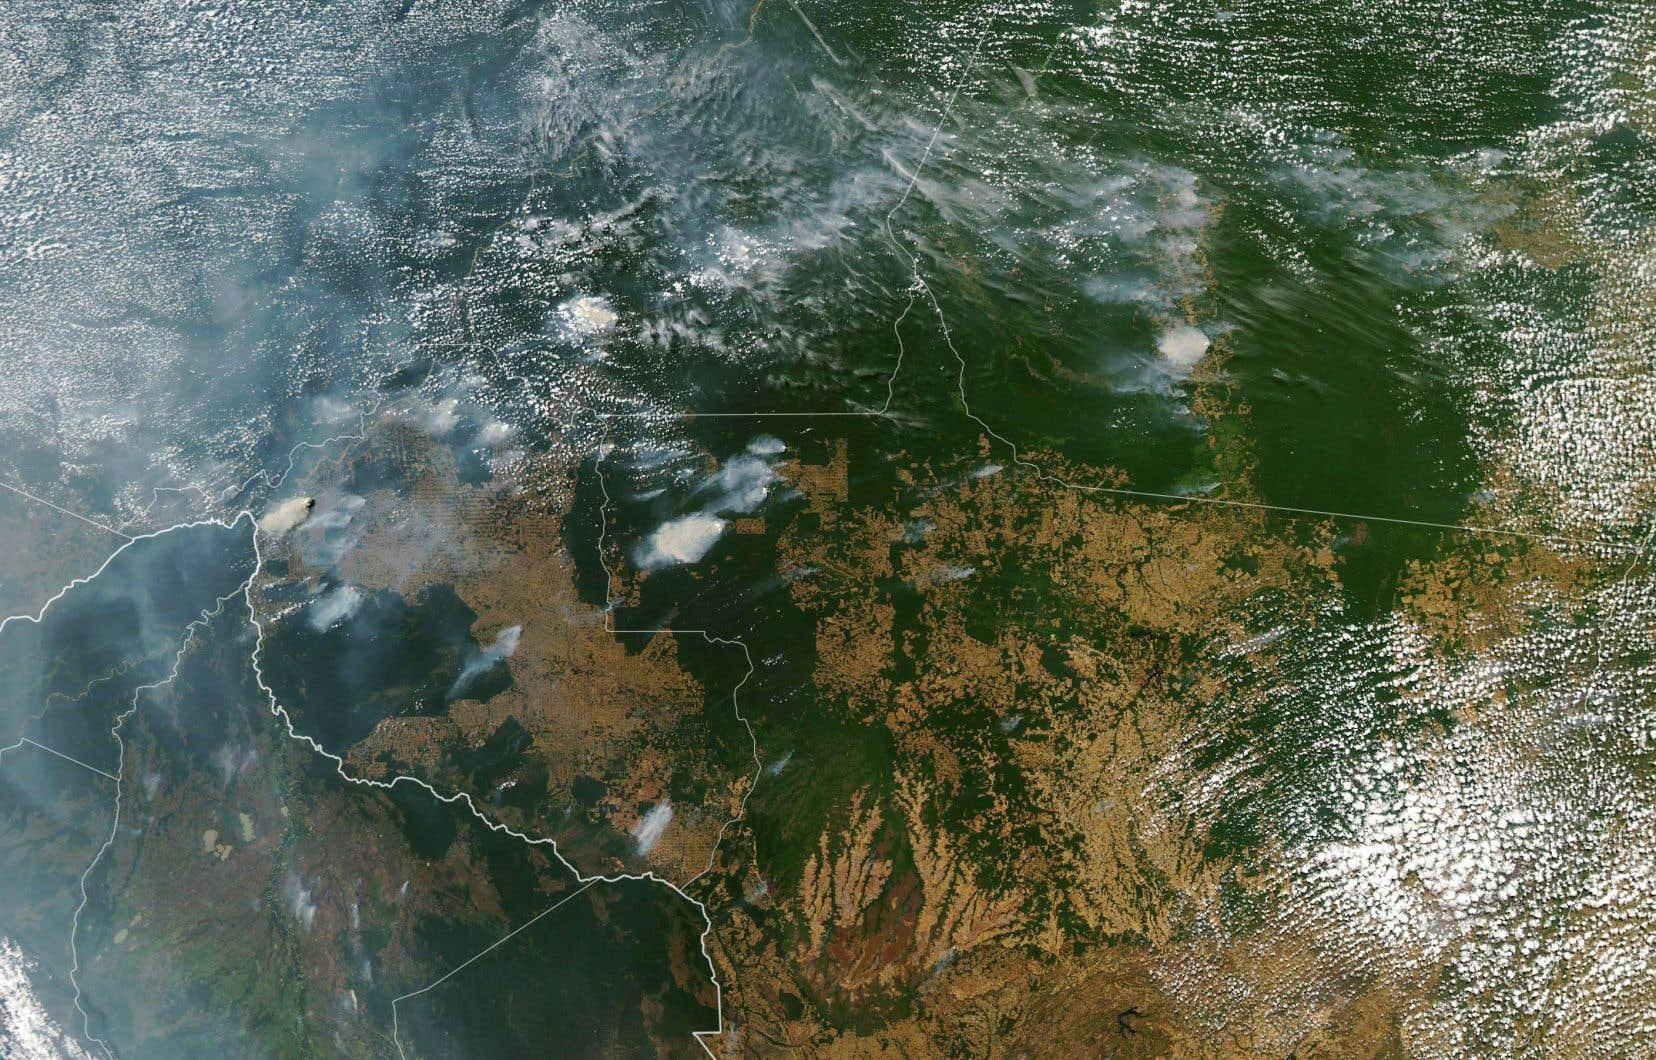 Cette image satellite, captée le 21 août, montre les incendies en cours dans les États brésilens du Mato Grosso (en bas à droite) et de Rondonia (en bas au centre).